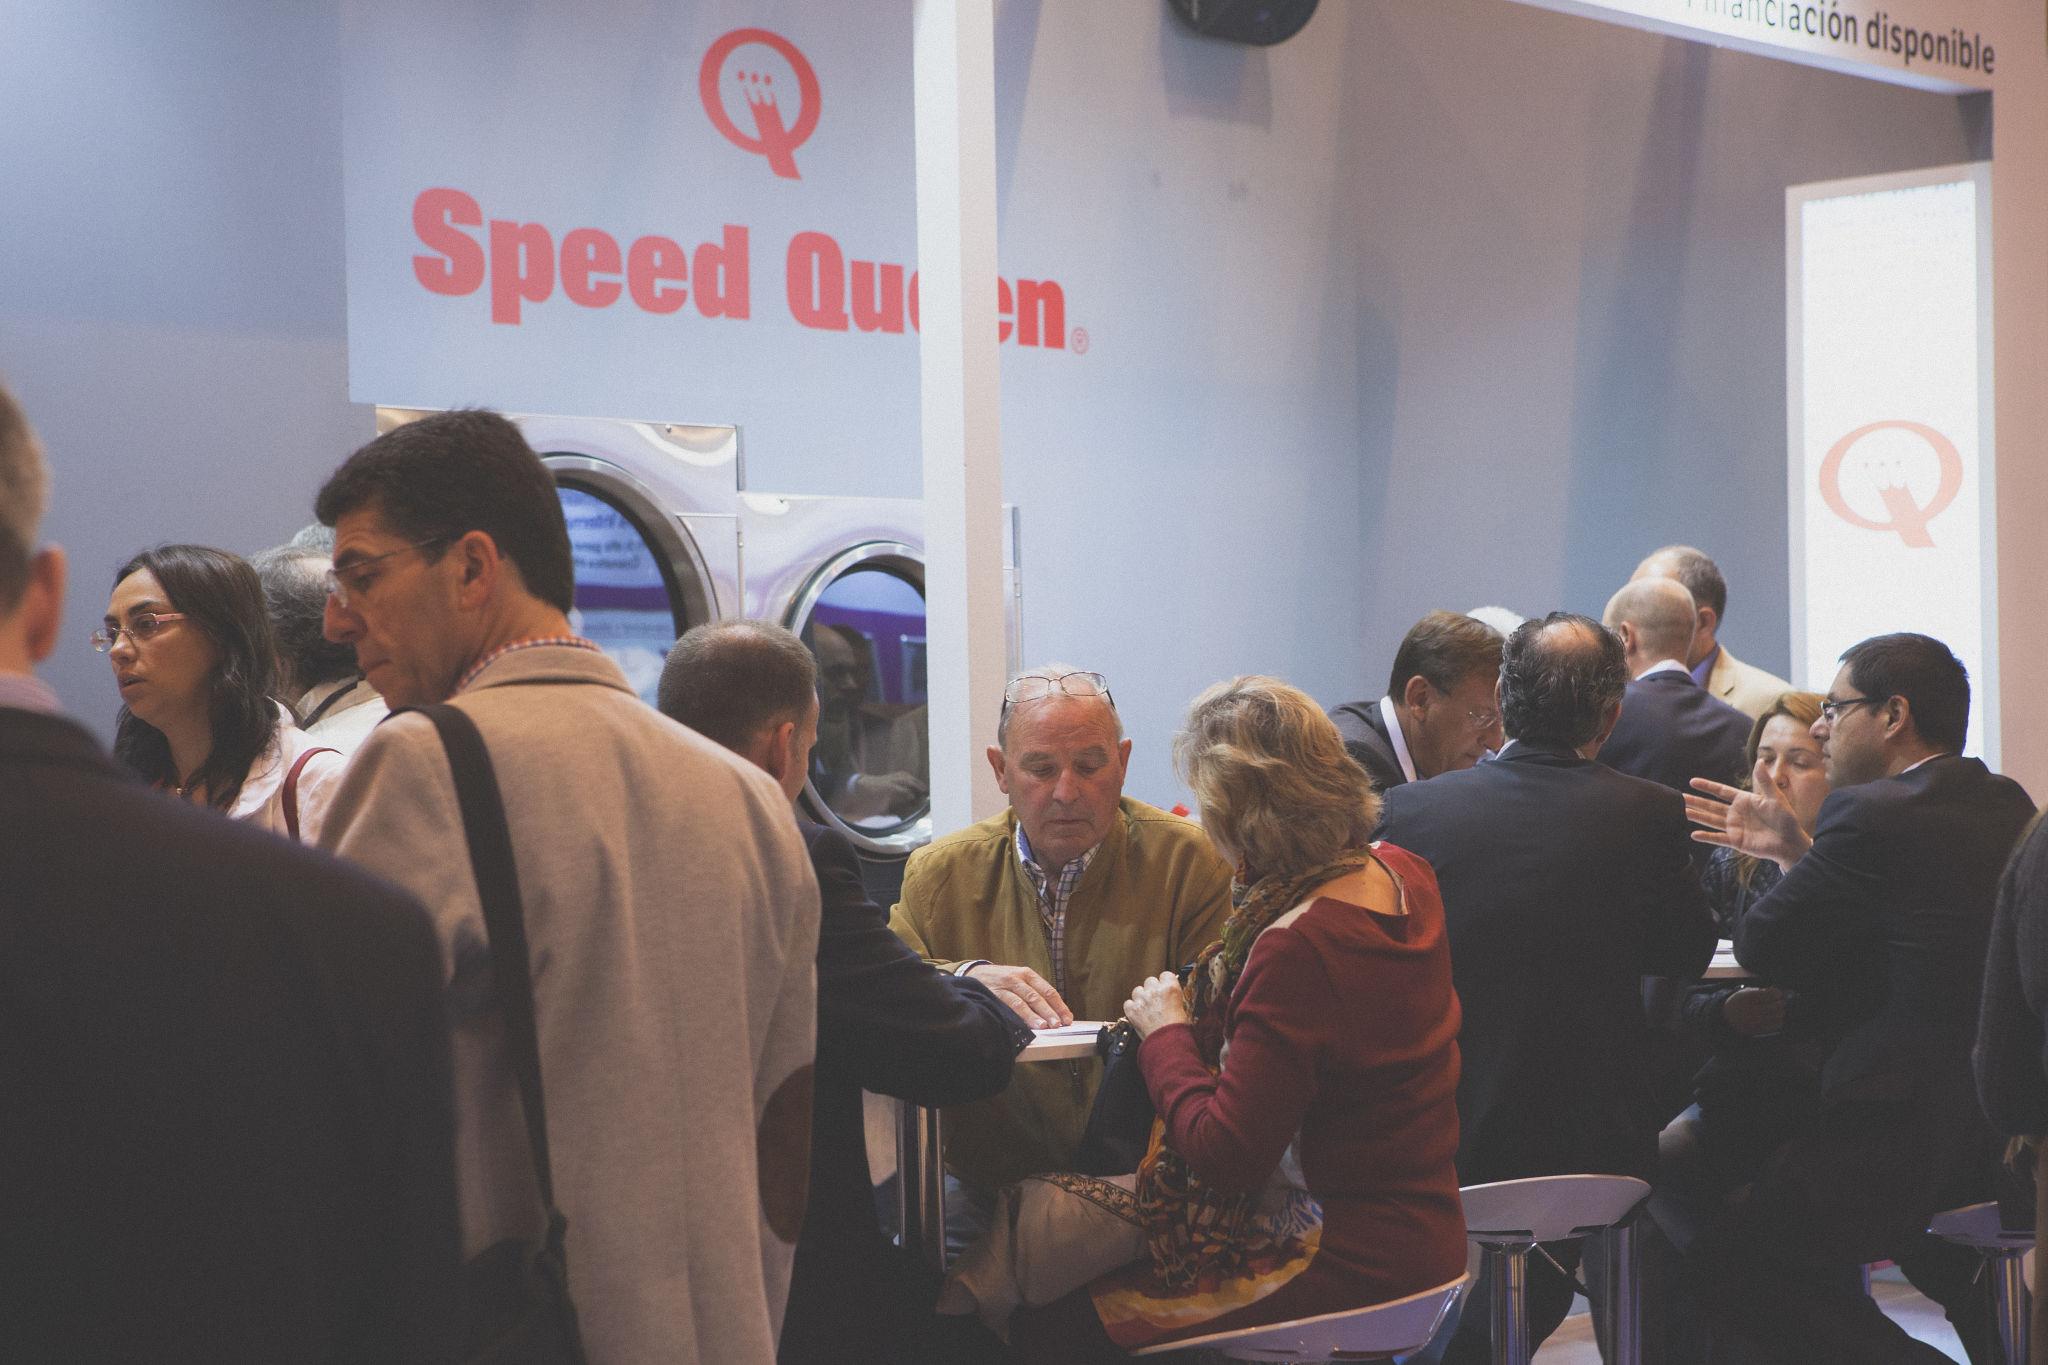 Explicando sistema inversión Speed Queen en España 4